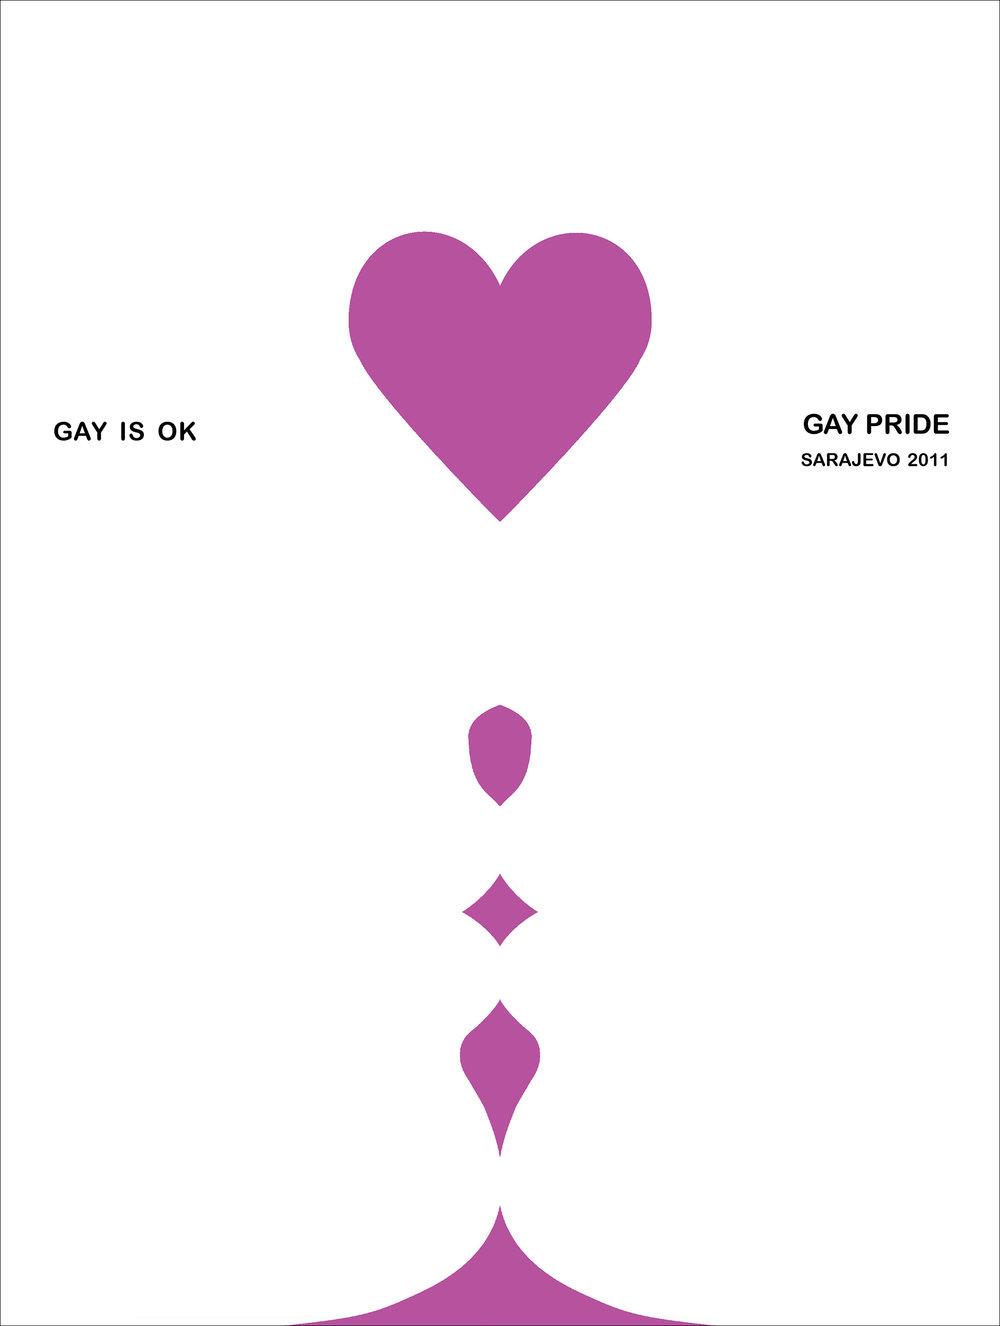 gay ljubav final.jpg